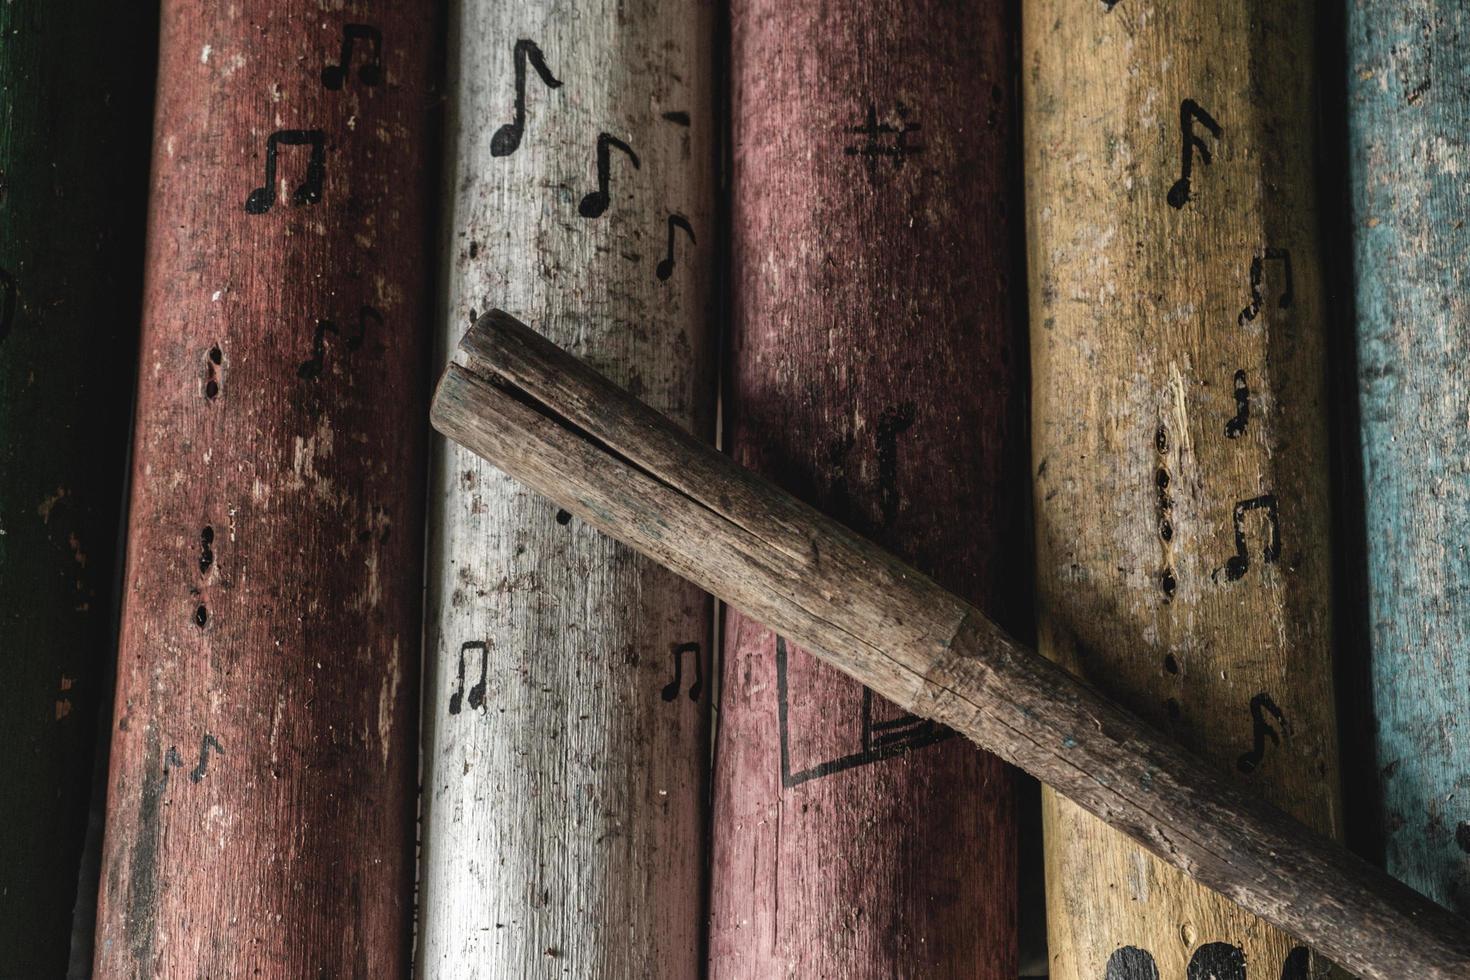 traditionelle Vintage handgefertigte Holzinstrumente foto